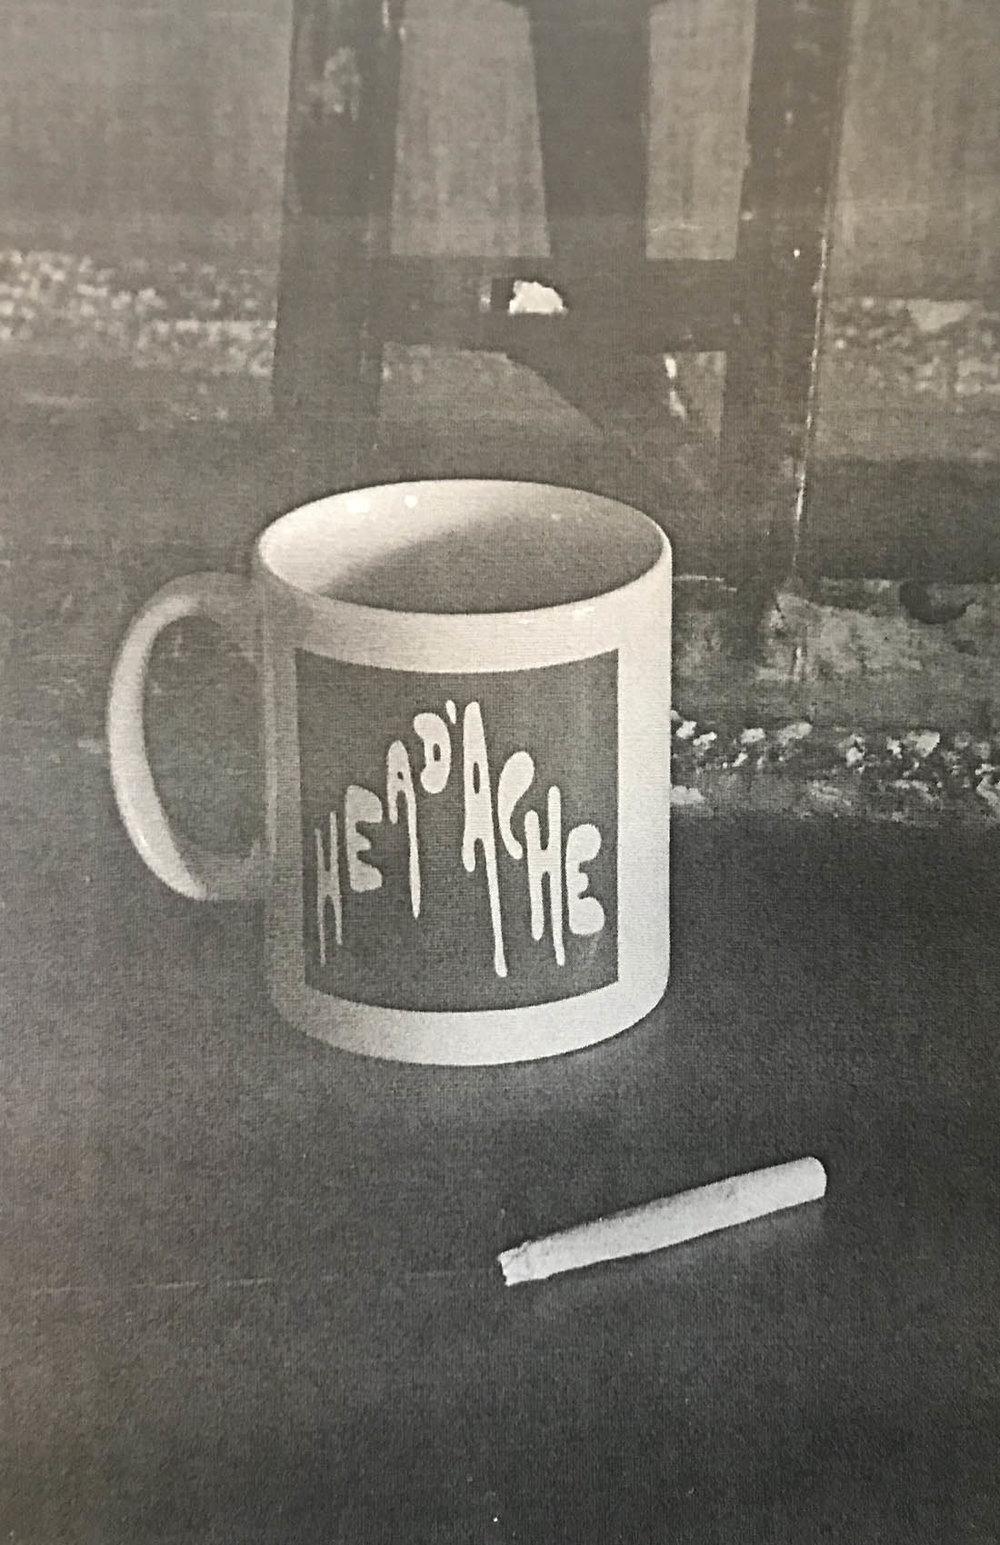 testing_mug.jpg